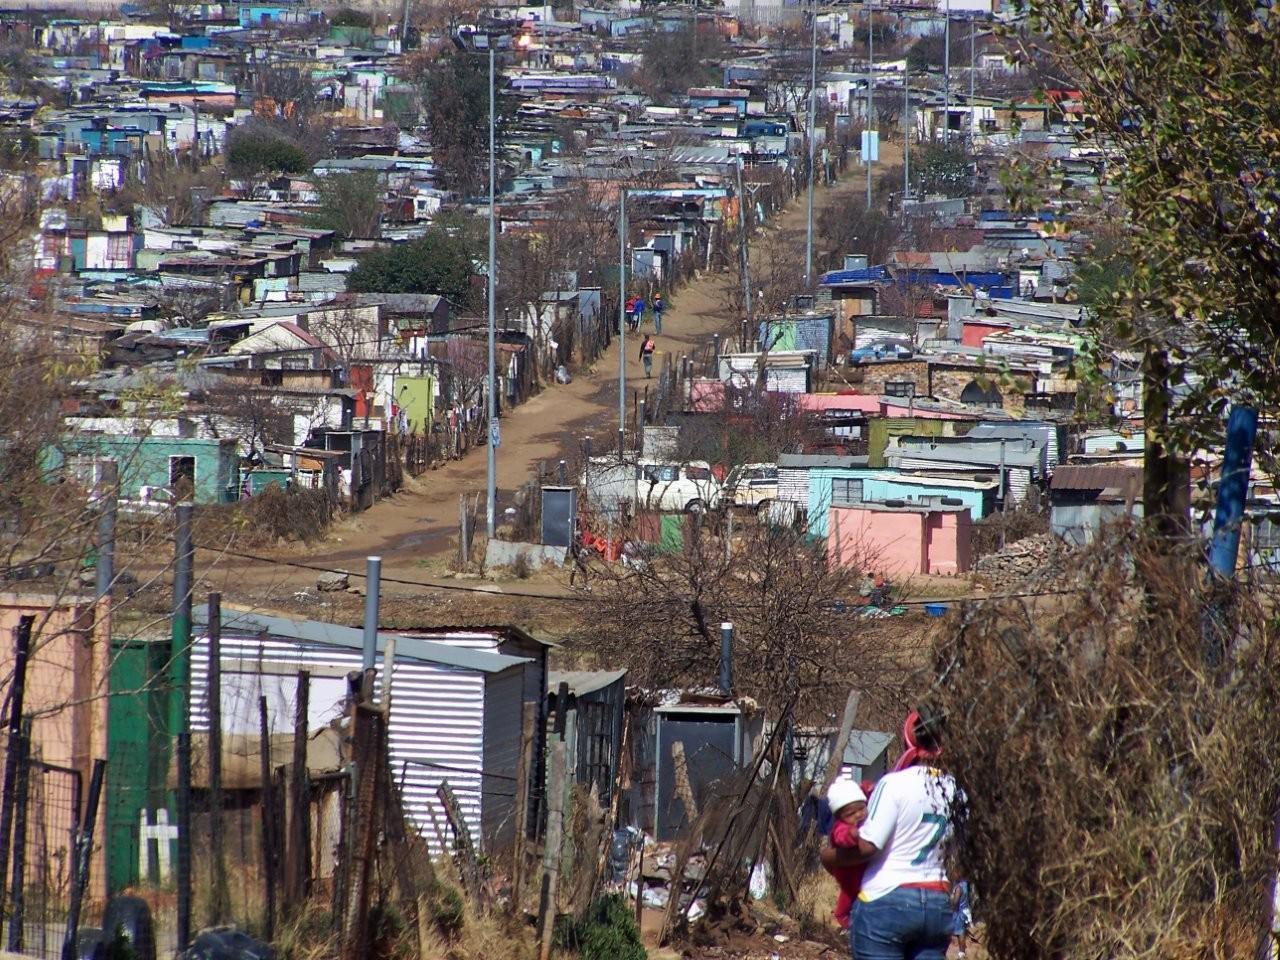 Wikimedia/Kevin Gabbert Slum v Johannesburgu je považovaný za najväčší slum sveta